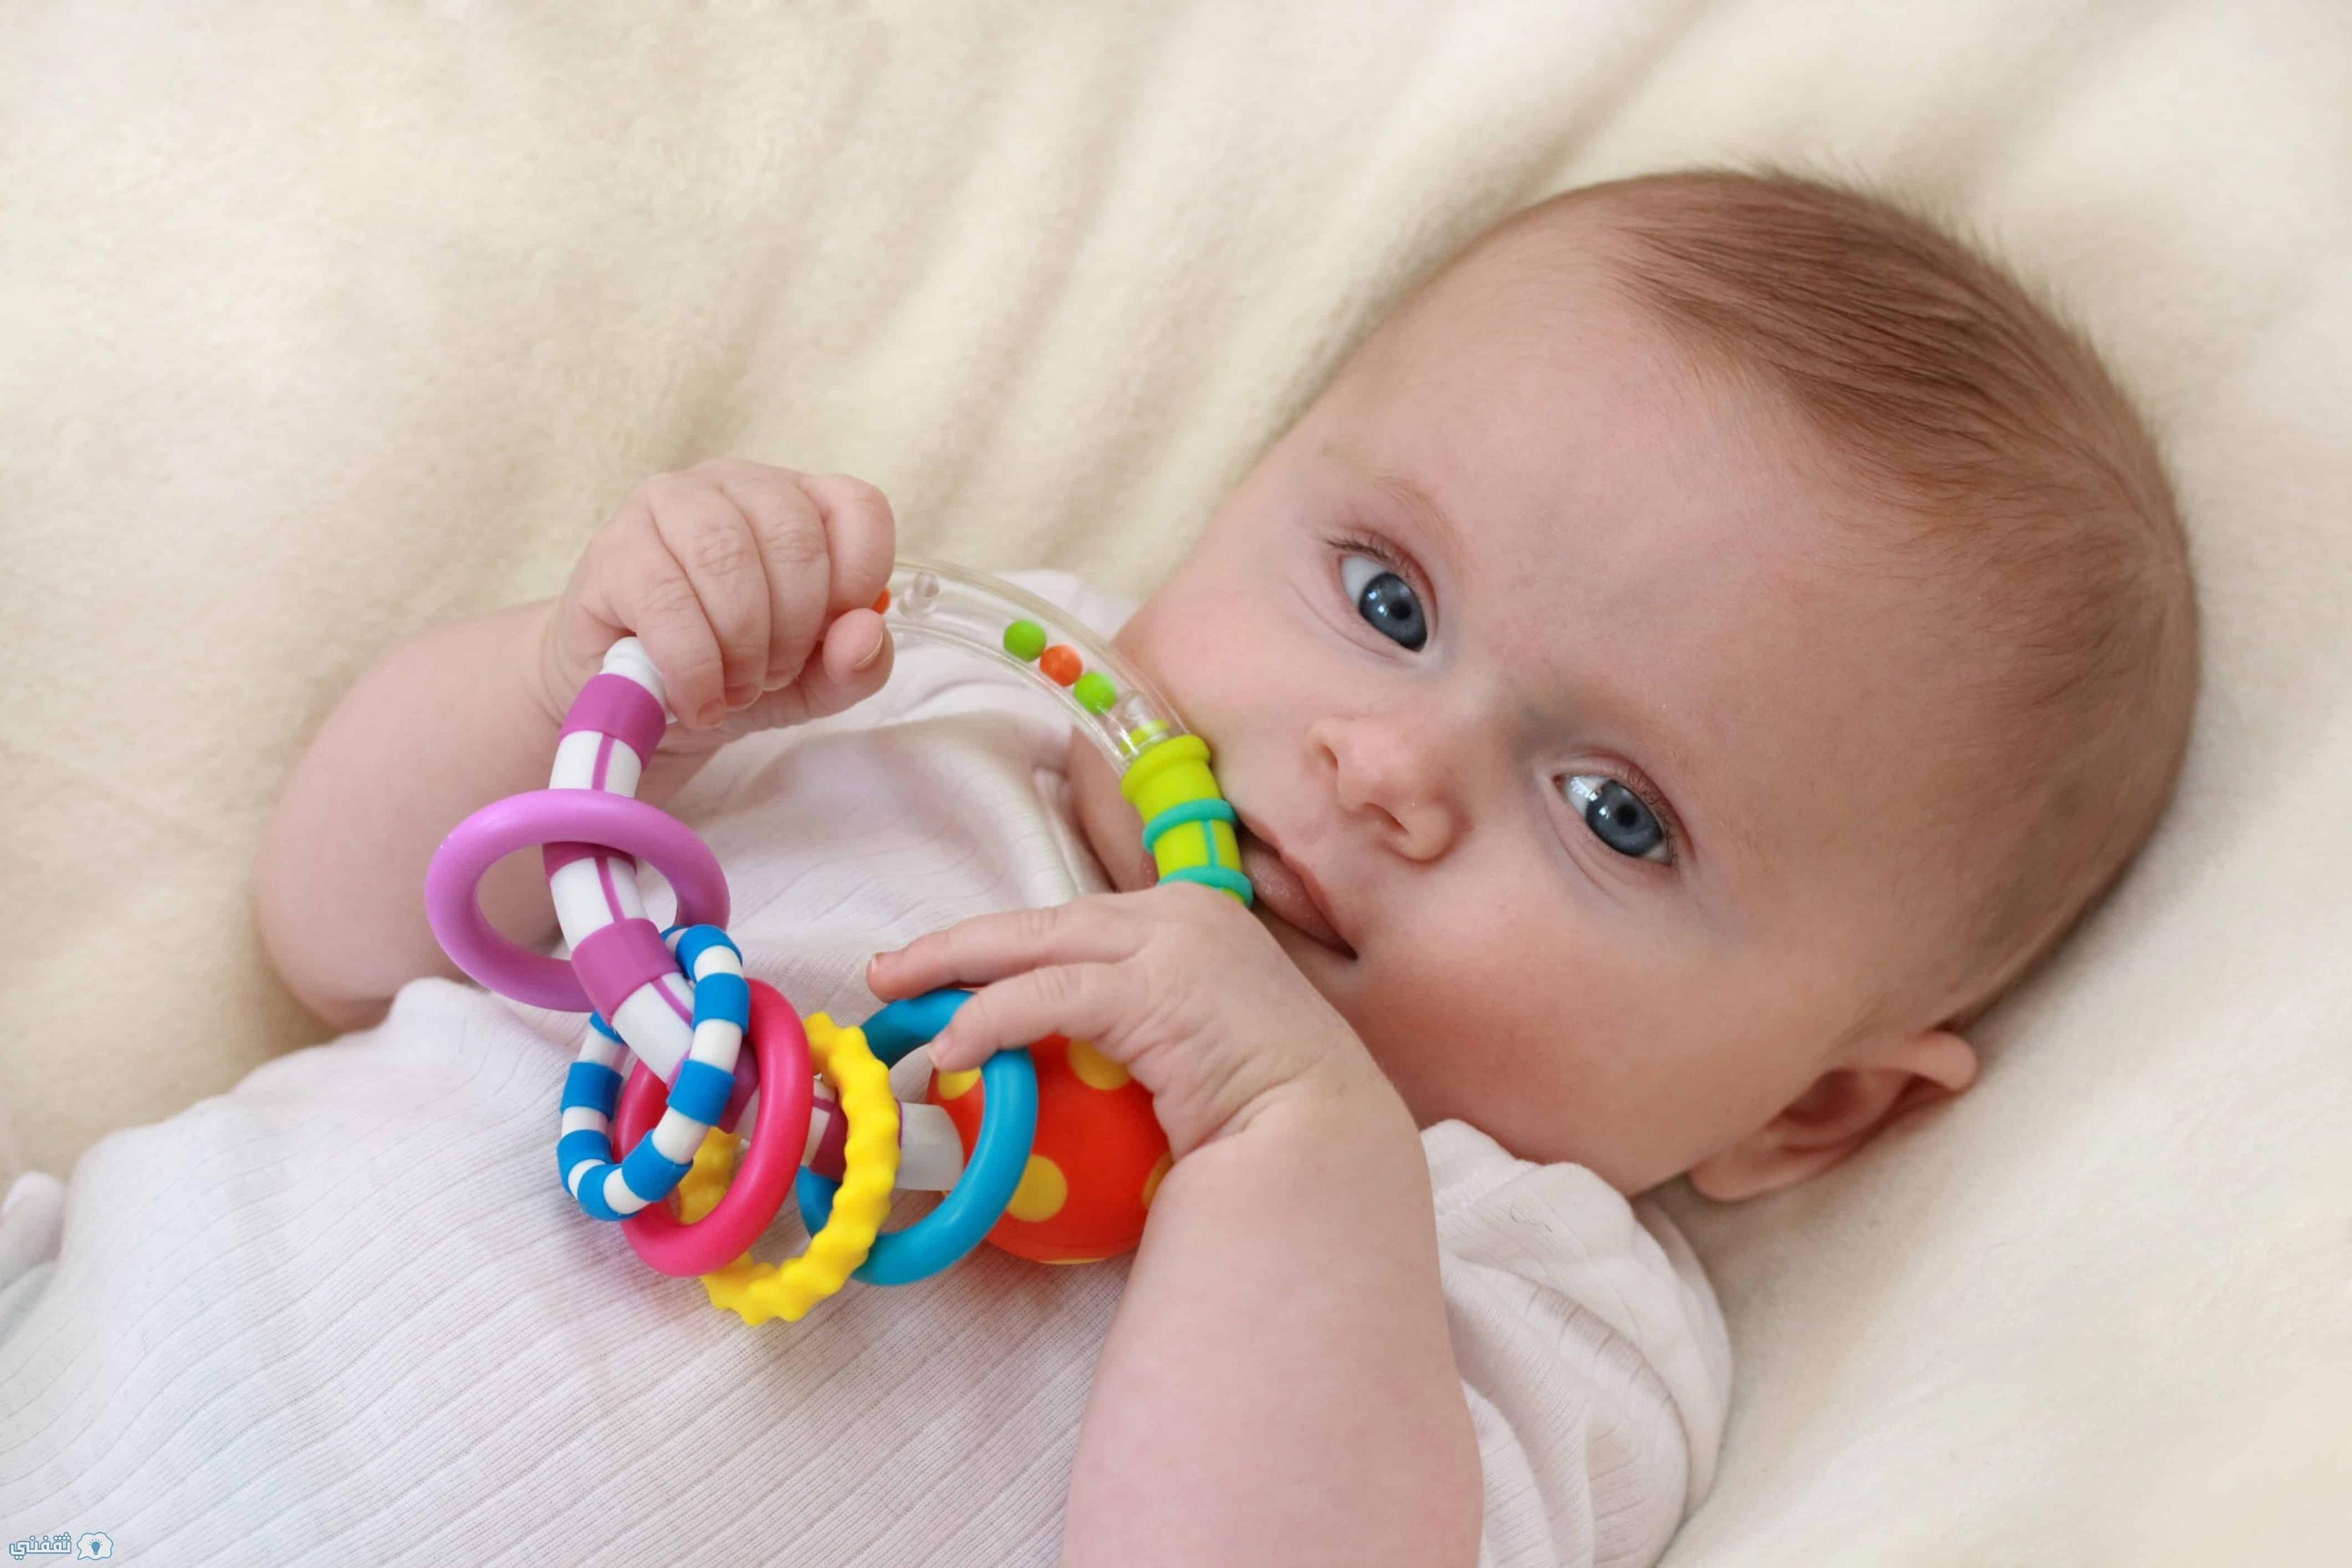 بالصور اطفال صغار حلوين , احلي صور للاطفال تحفة 6719 10